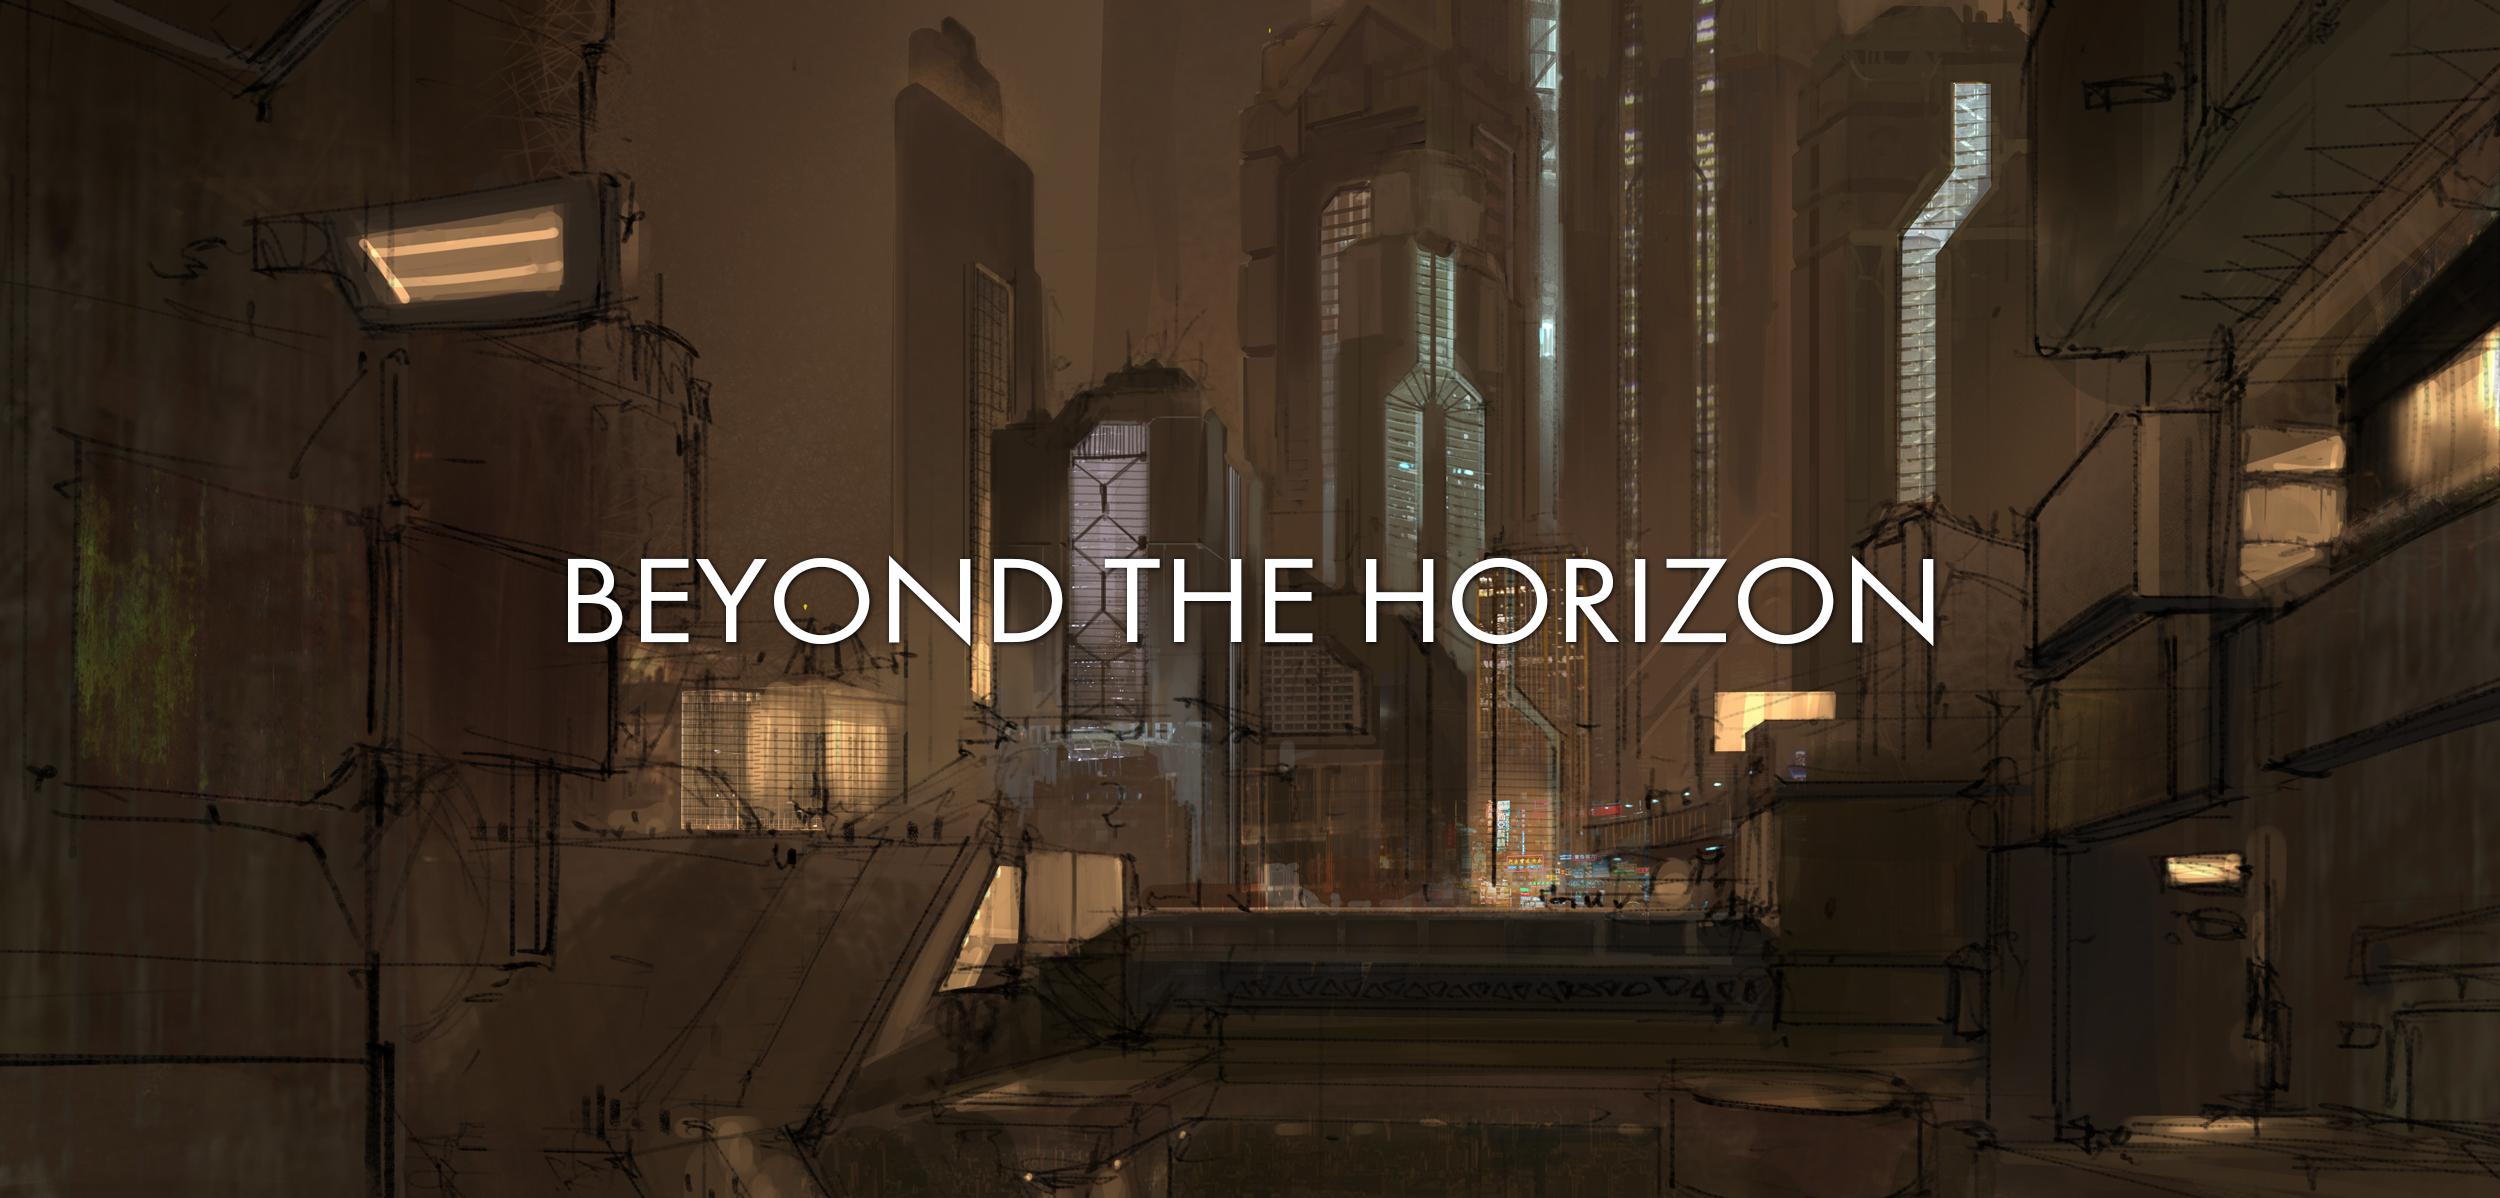 BeyondtheHorizon.jpg